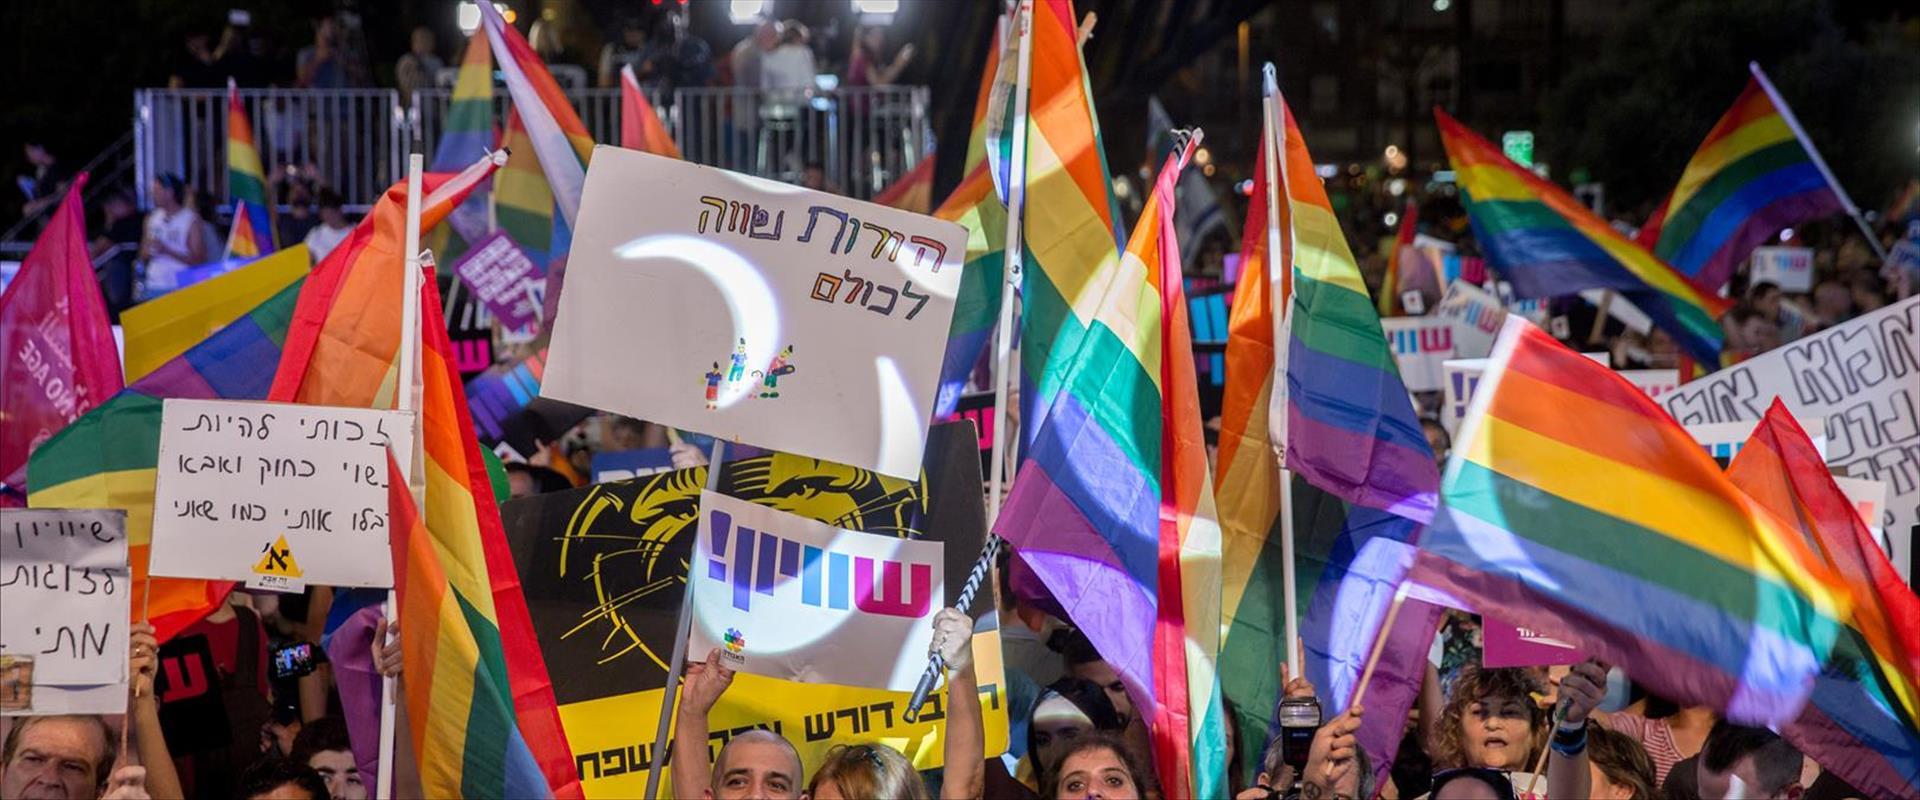 """הפגנה בת""""א למען זכויות להט""""ב, ארכיון"""